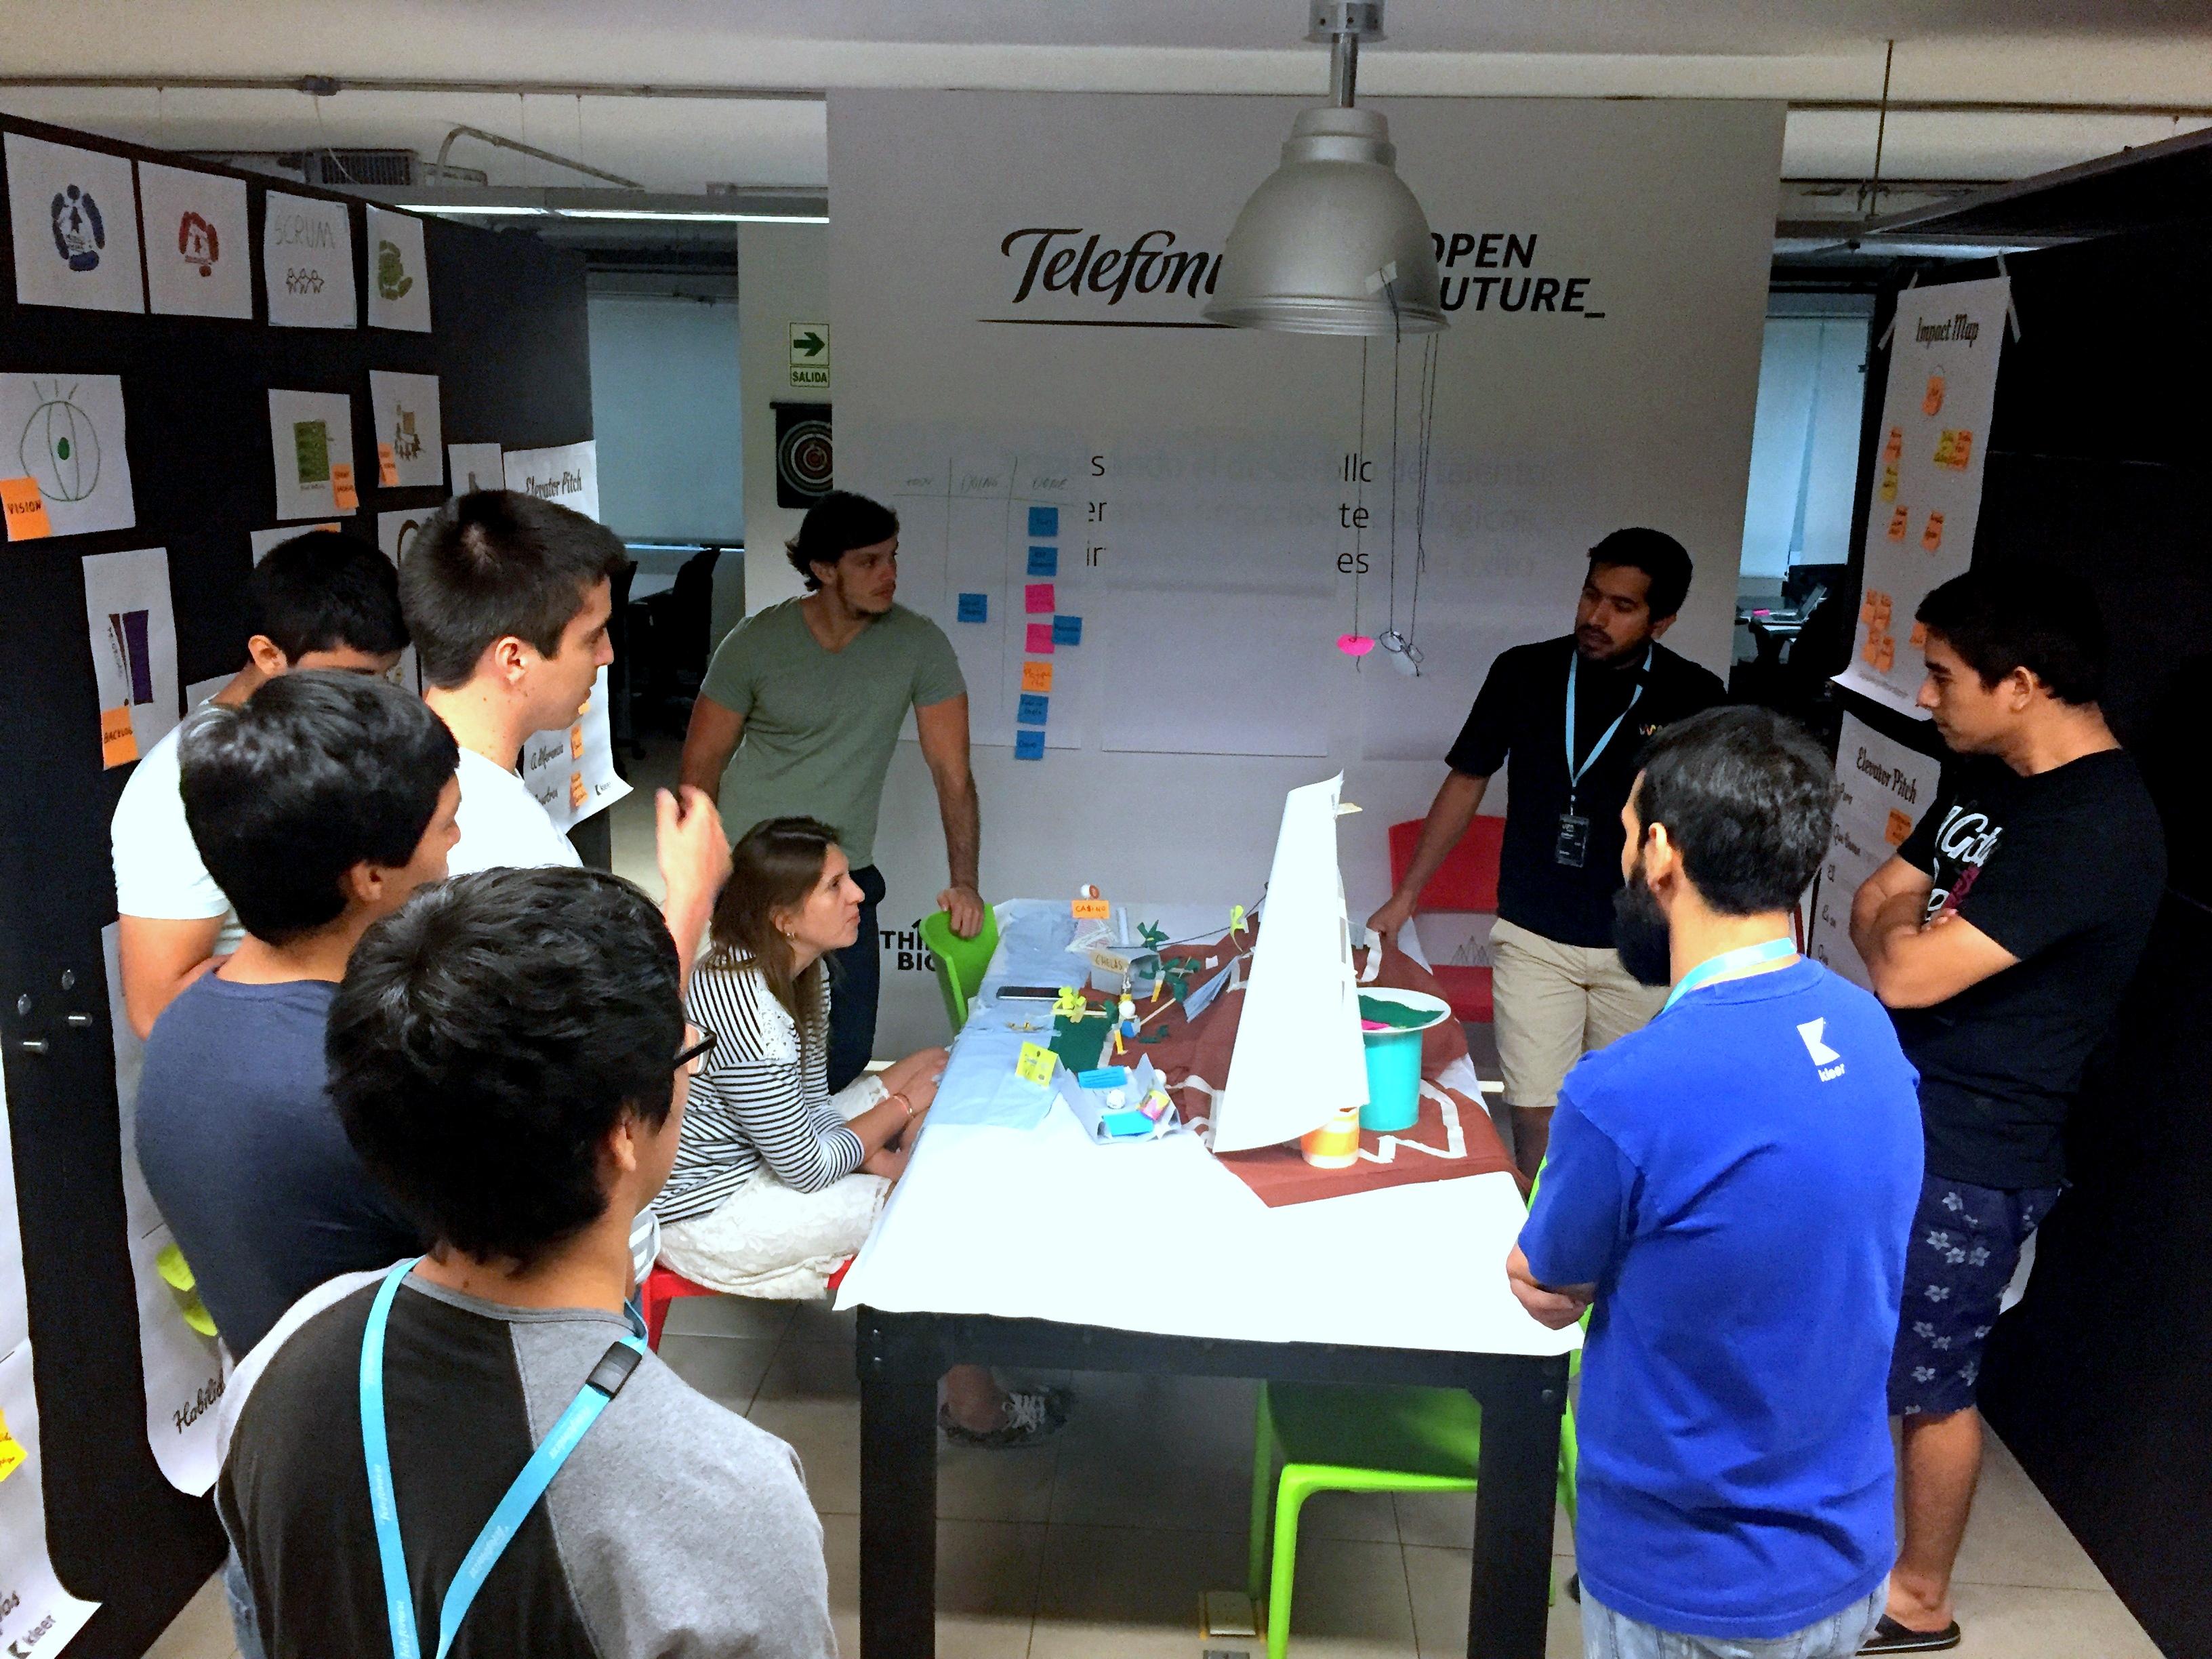 Perú Open Future lanza convocatoria de proyectos tecnológicos con impacto social